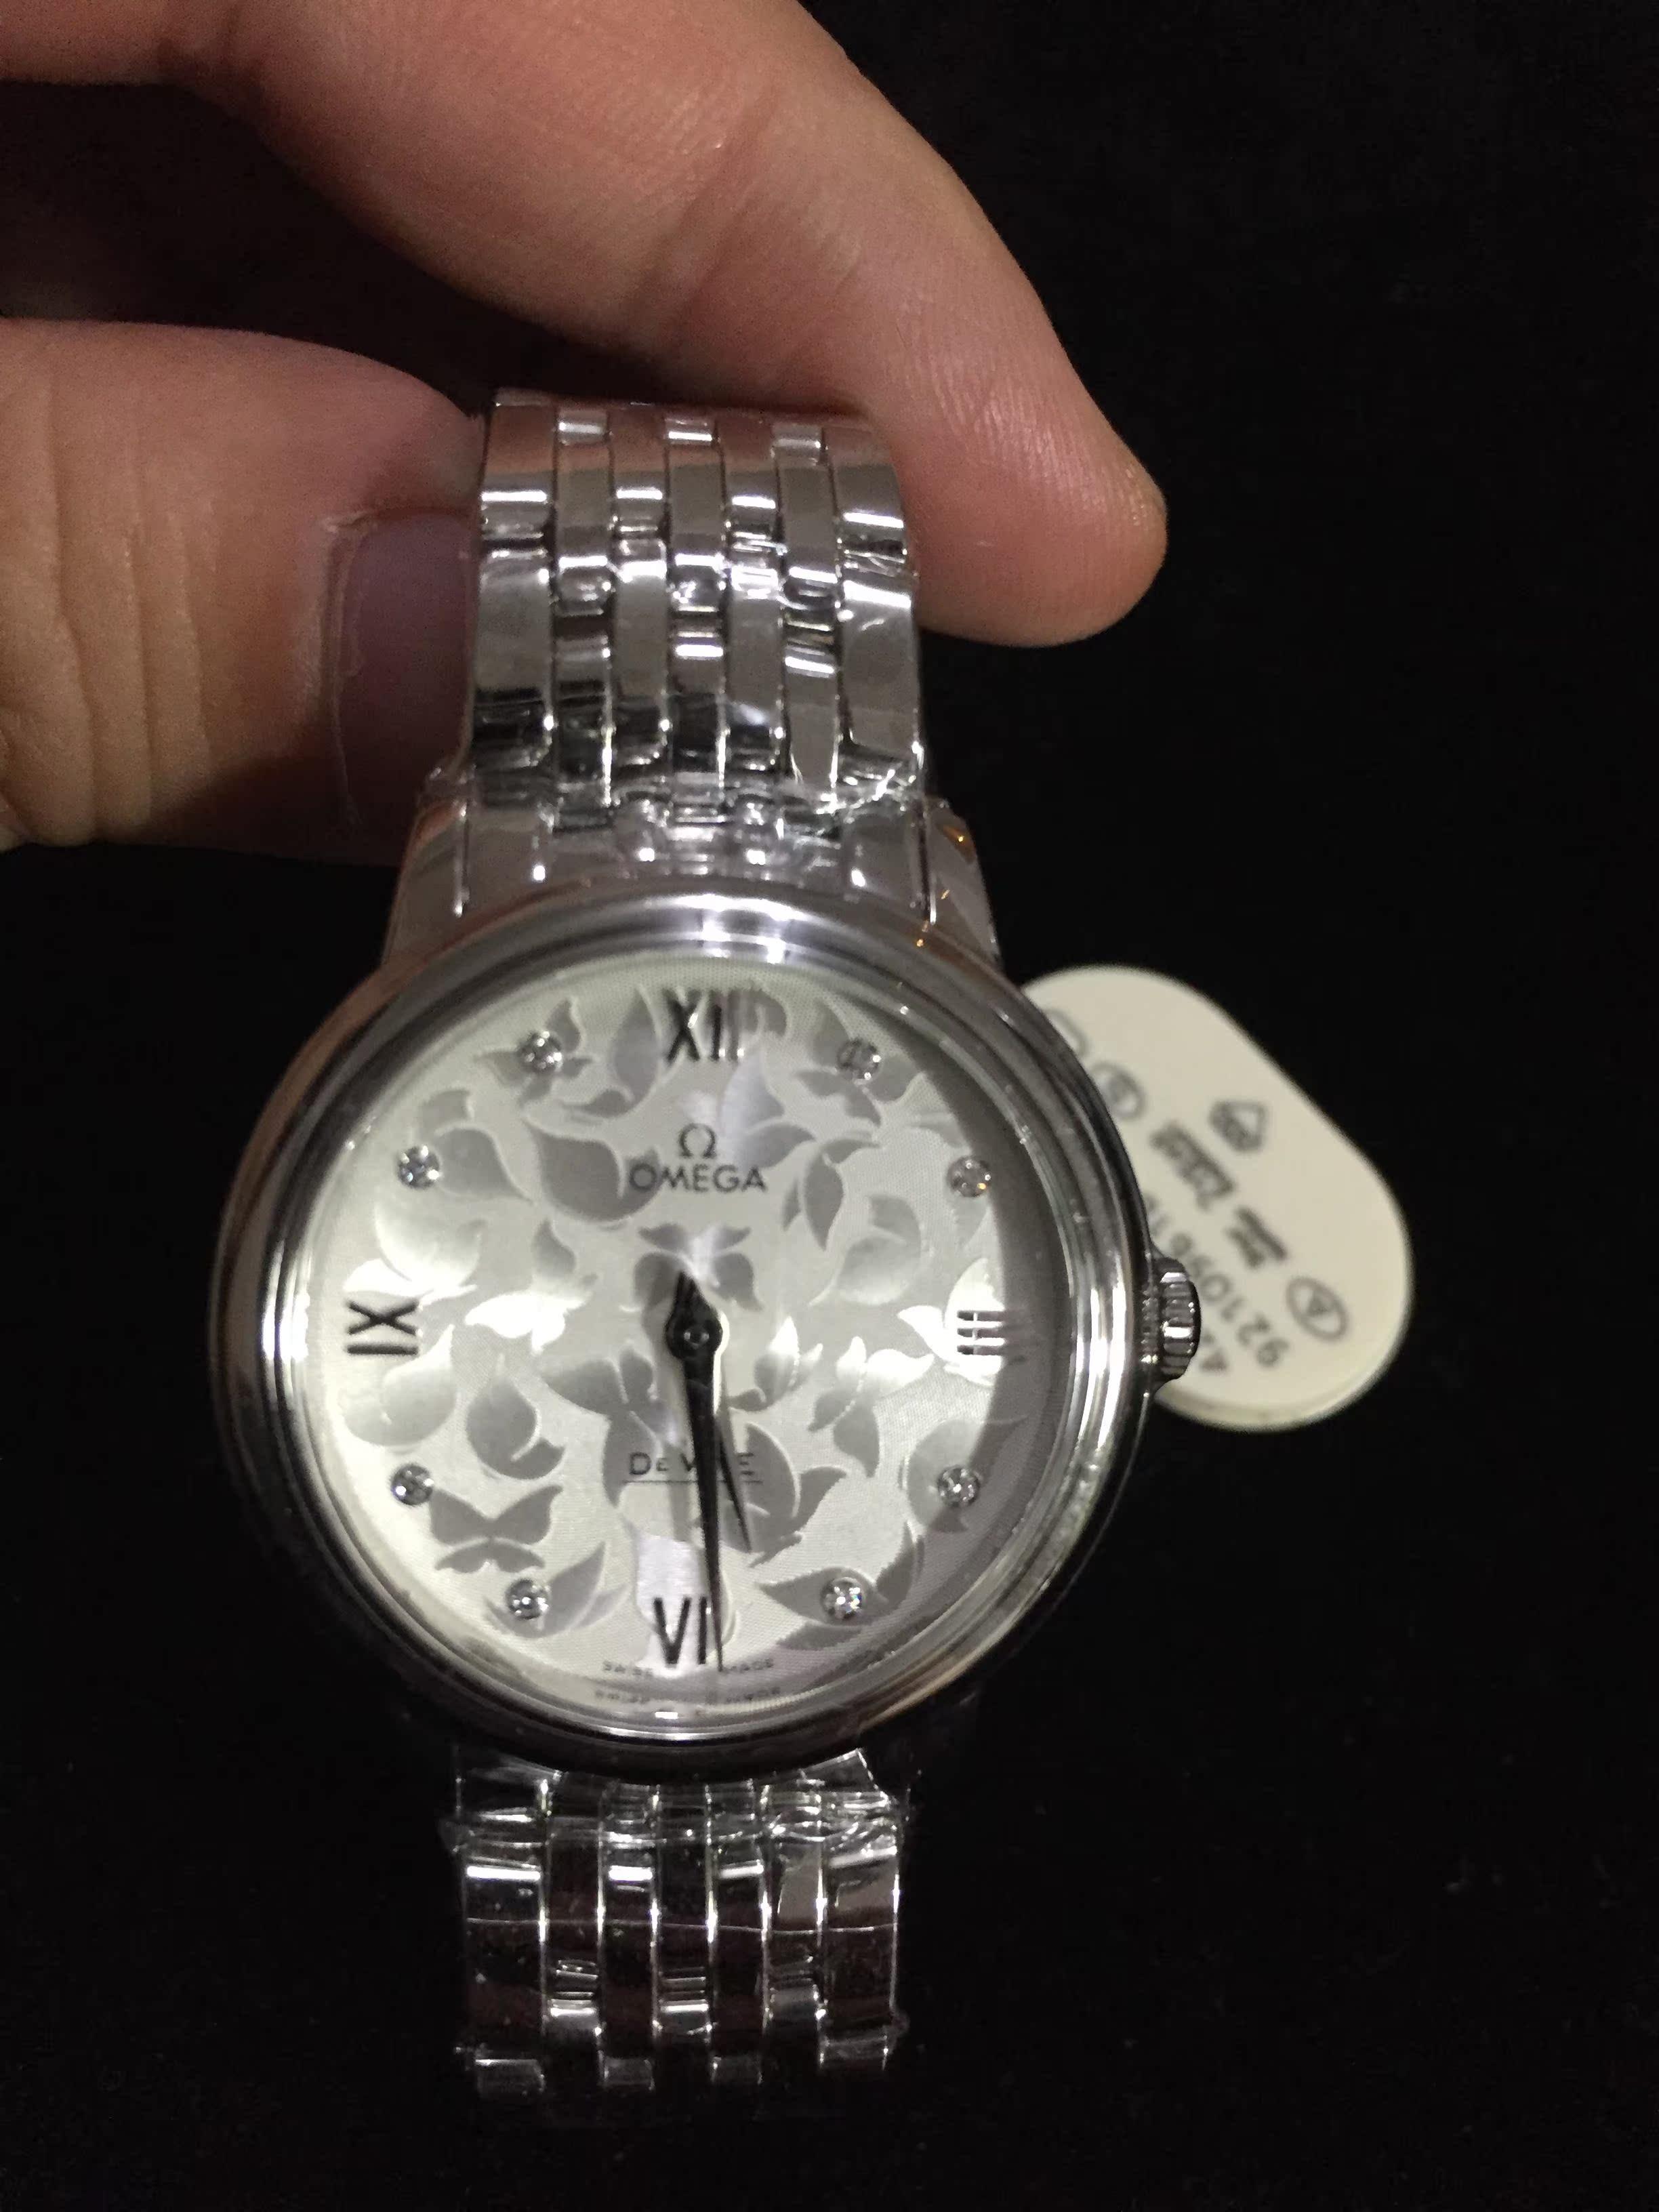 Часы Omega 33mm 424.10.33.60.52.001 пылесос iclebo omega white ycr m07 20